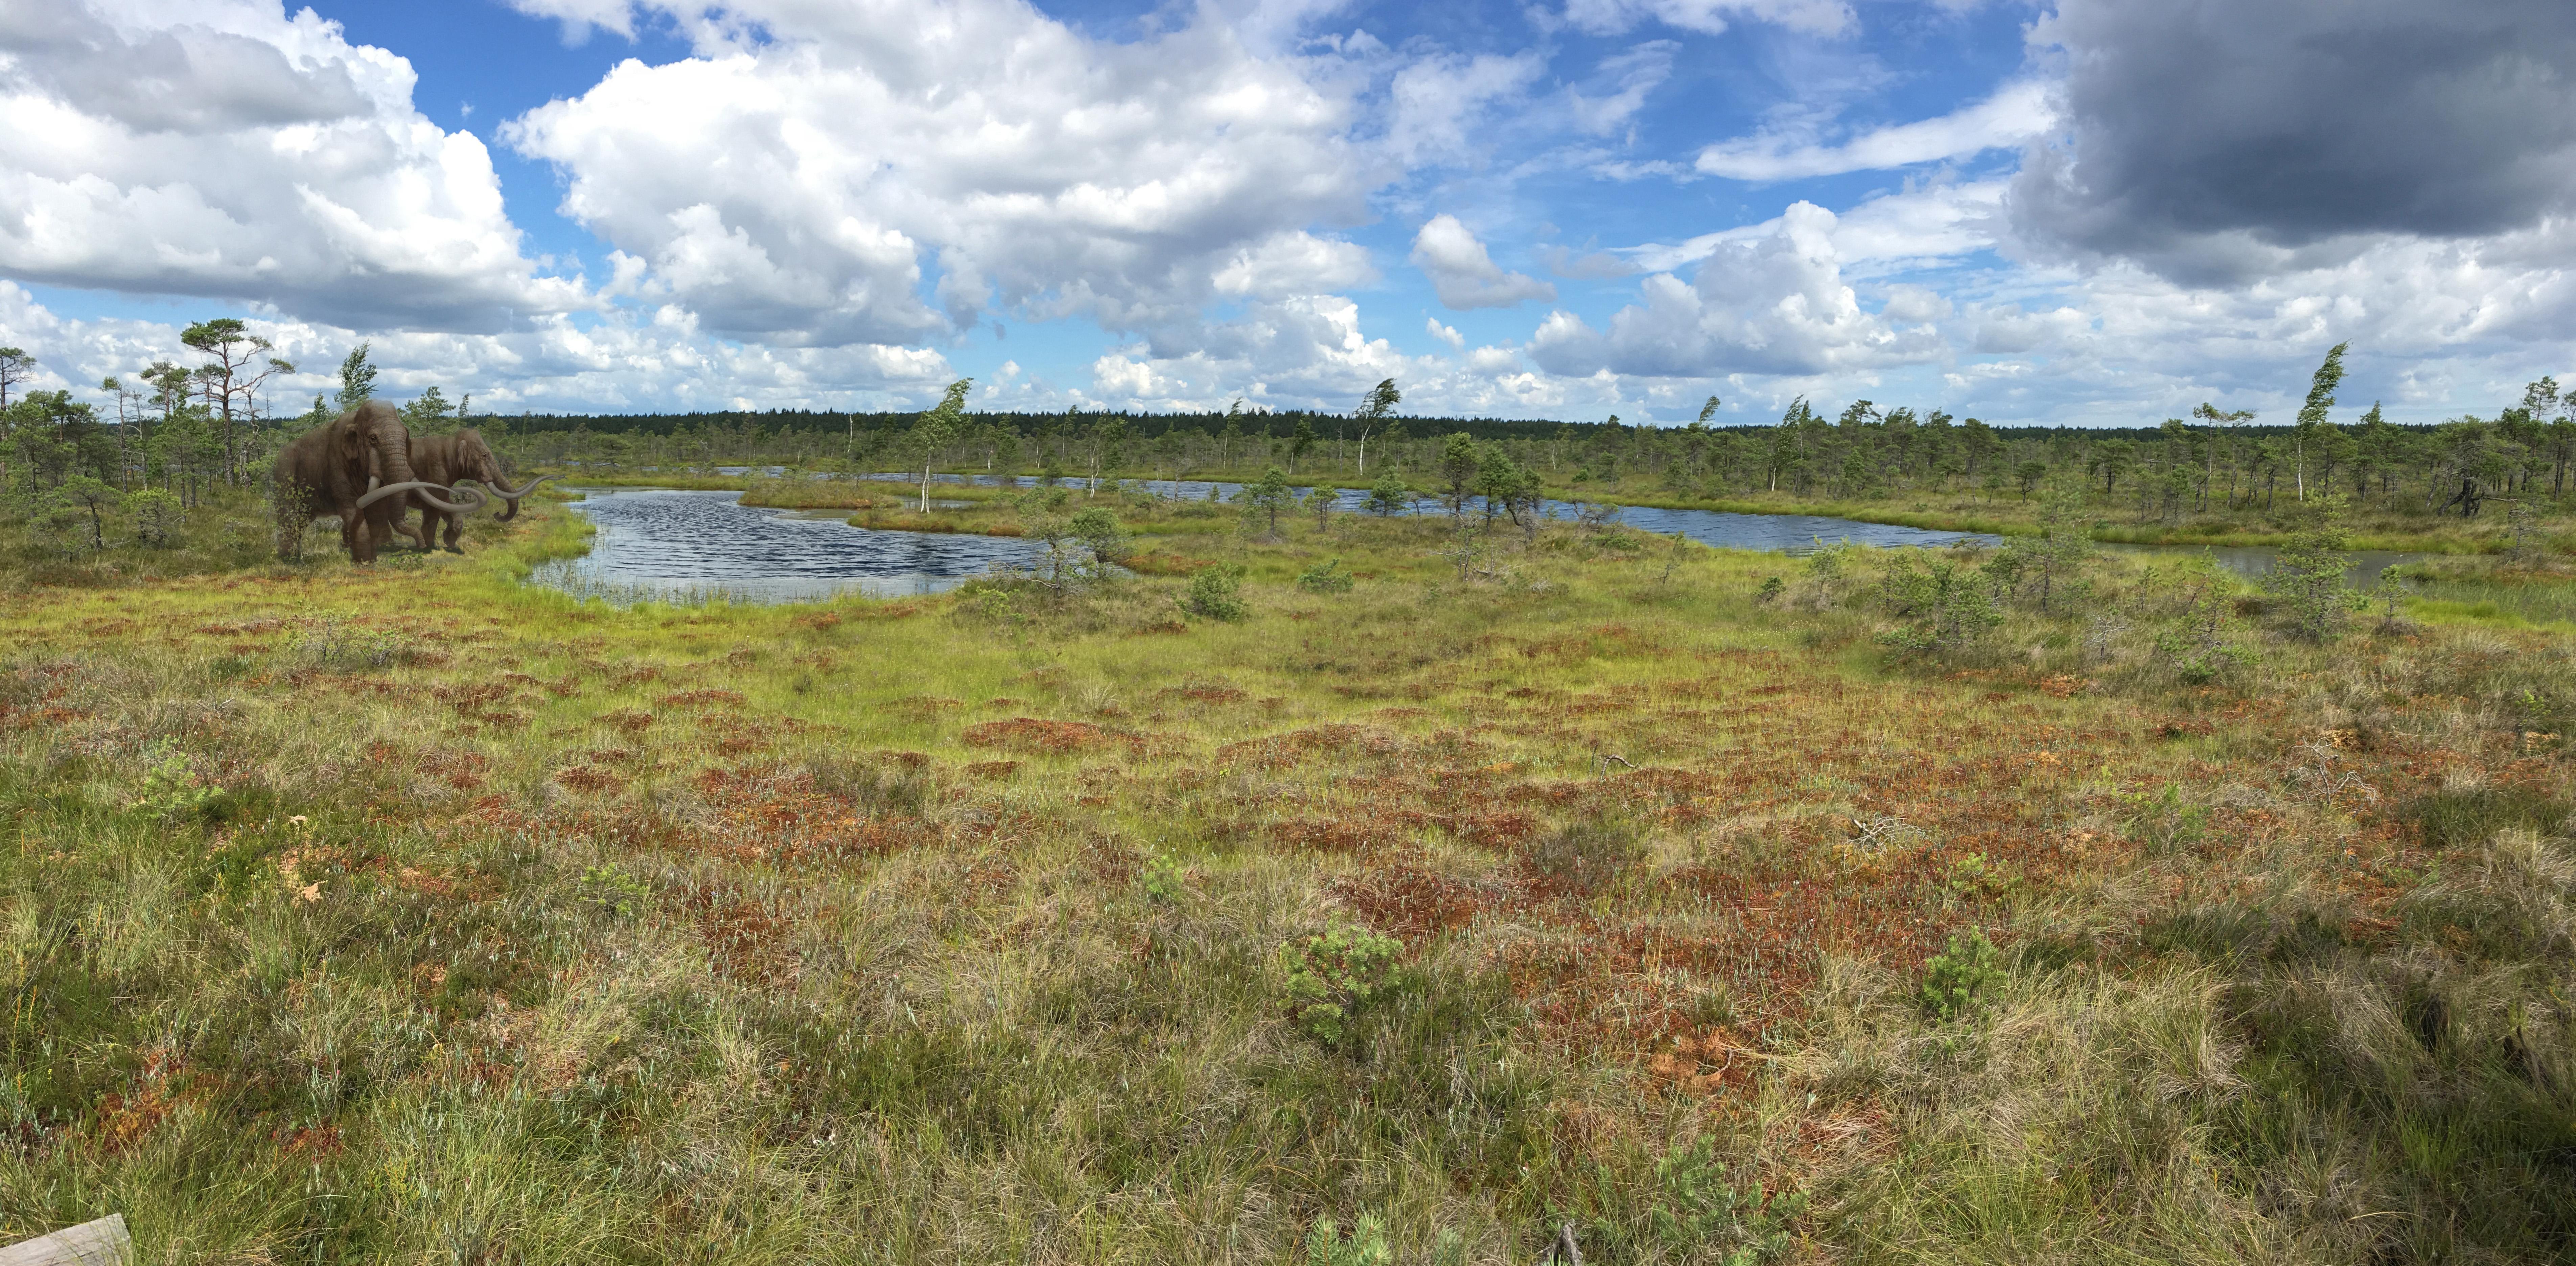 Болото Кемери Латвия Юрмала цвета краски пейзажи природы художник Альберт Сафиуллин